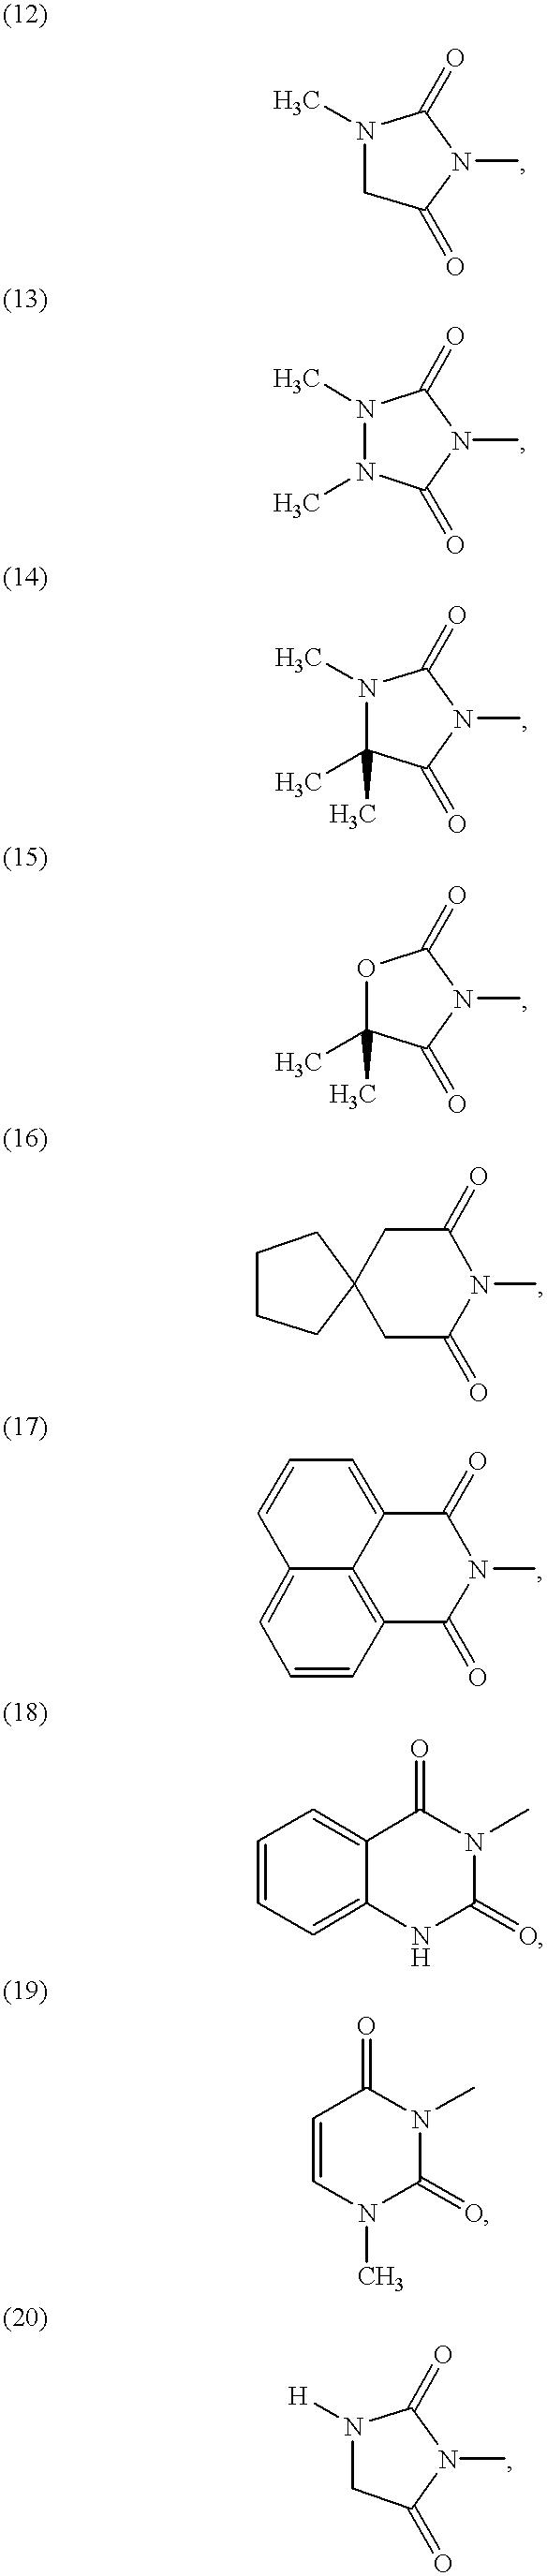 Figure US06294573-20010925-C00004